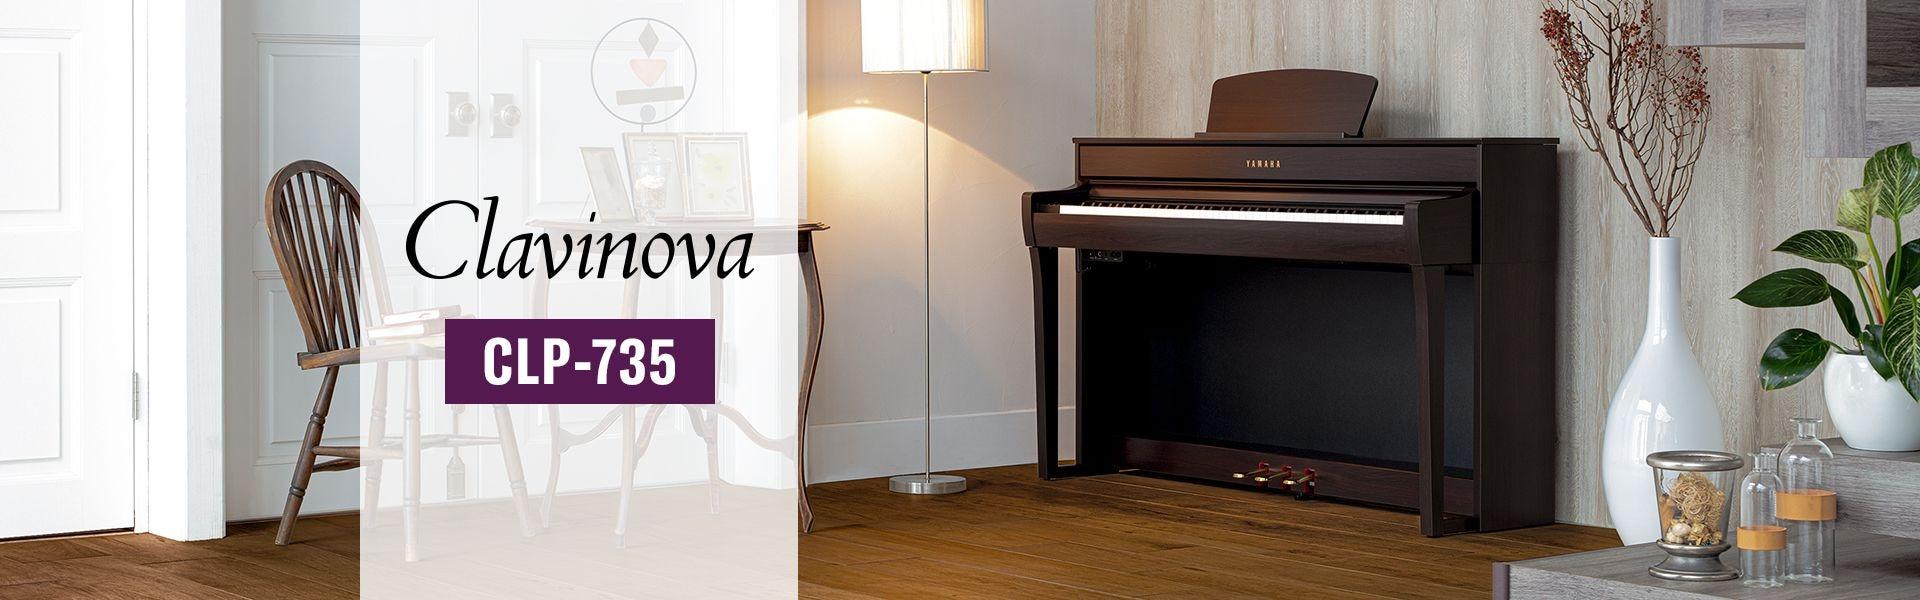 Yamaha Clavinova CLP-735